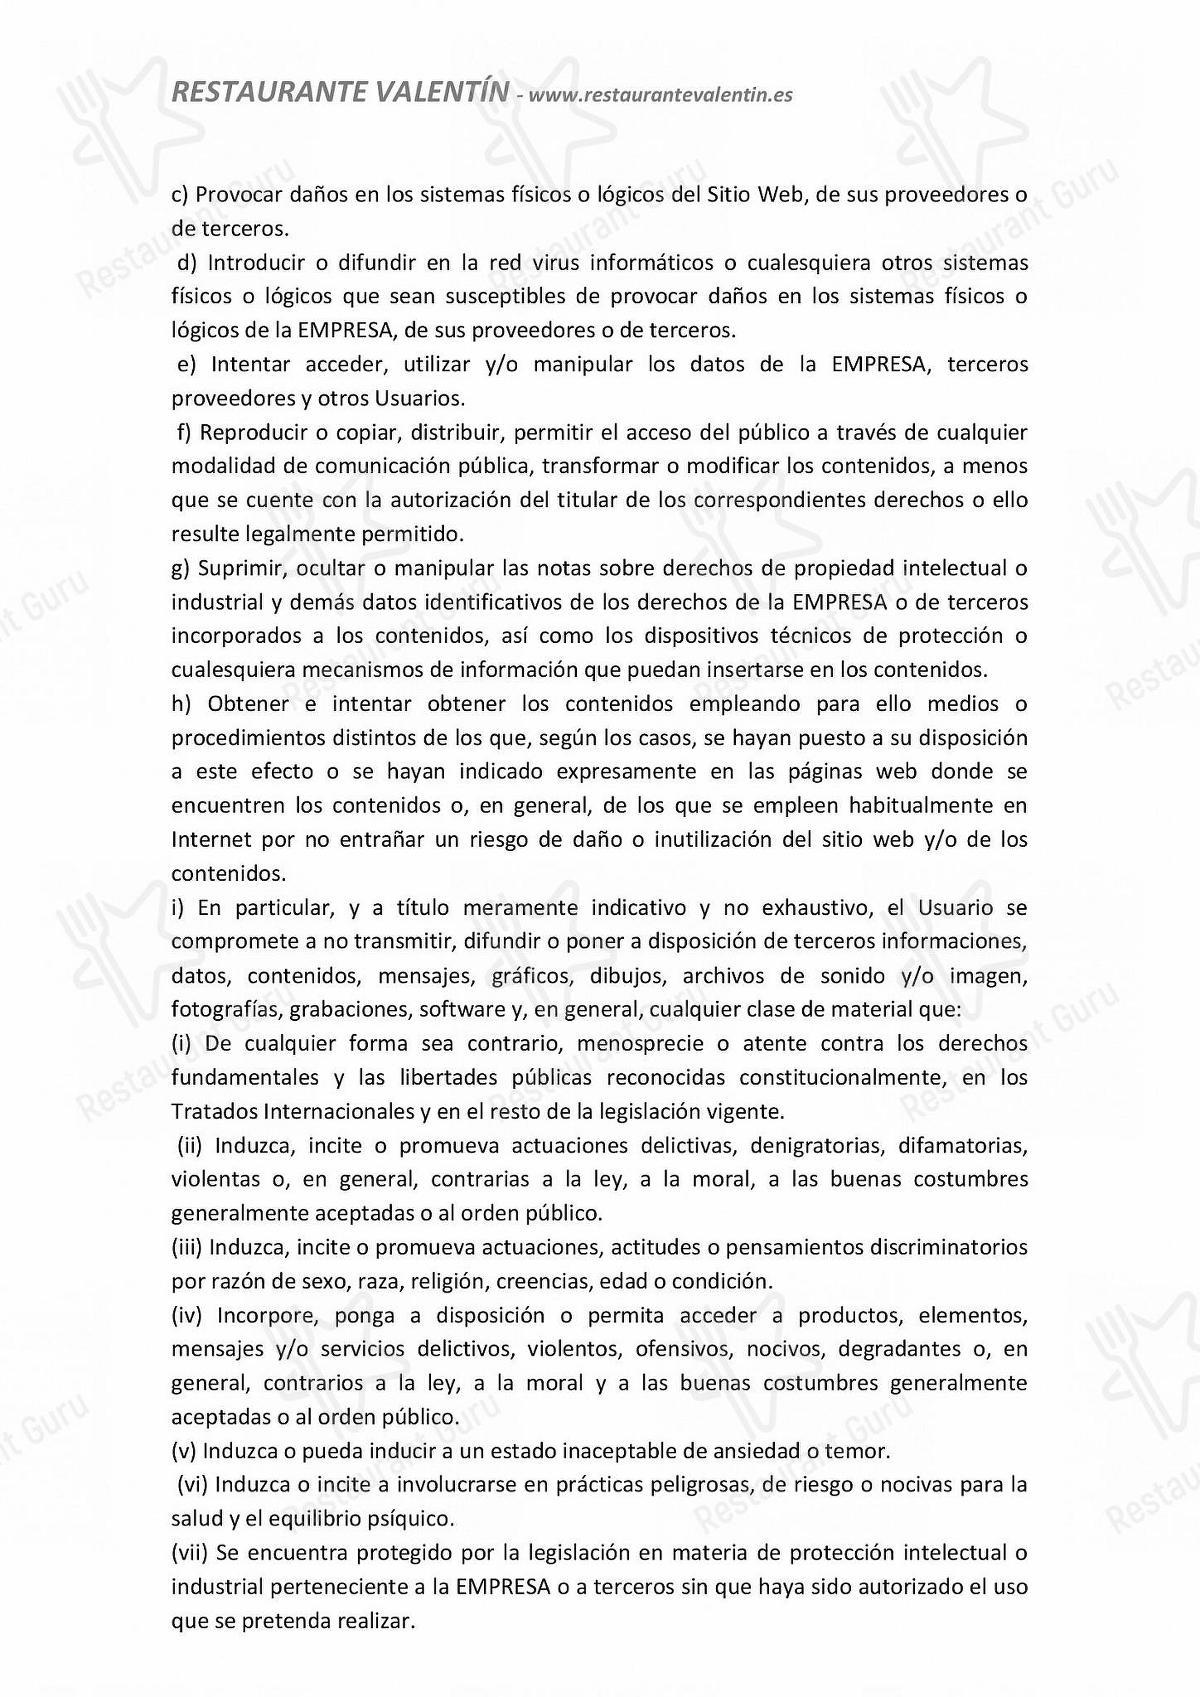 Carta de Restaurante Valentín - platos y bebidas